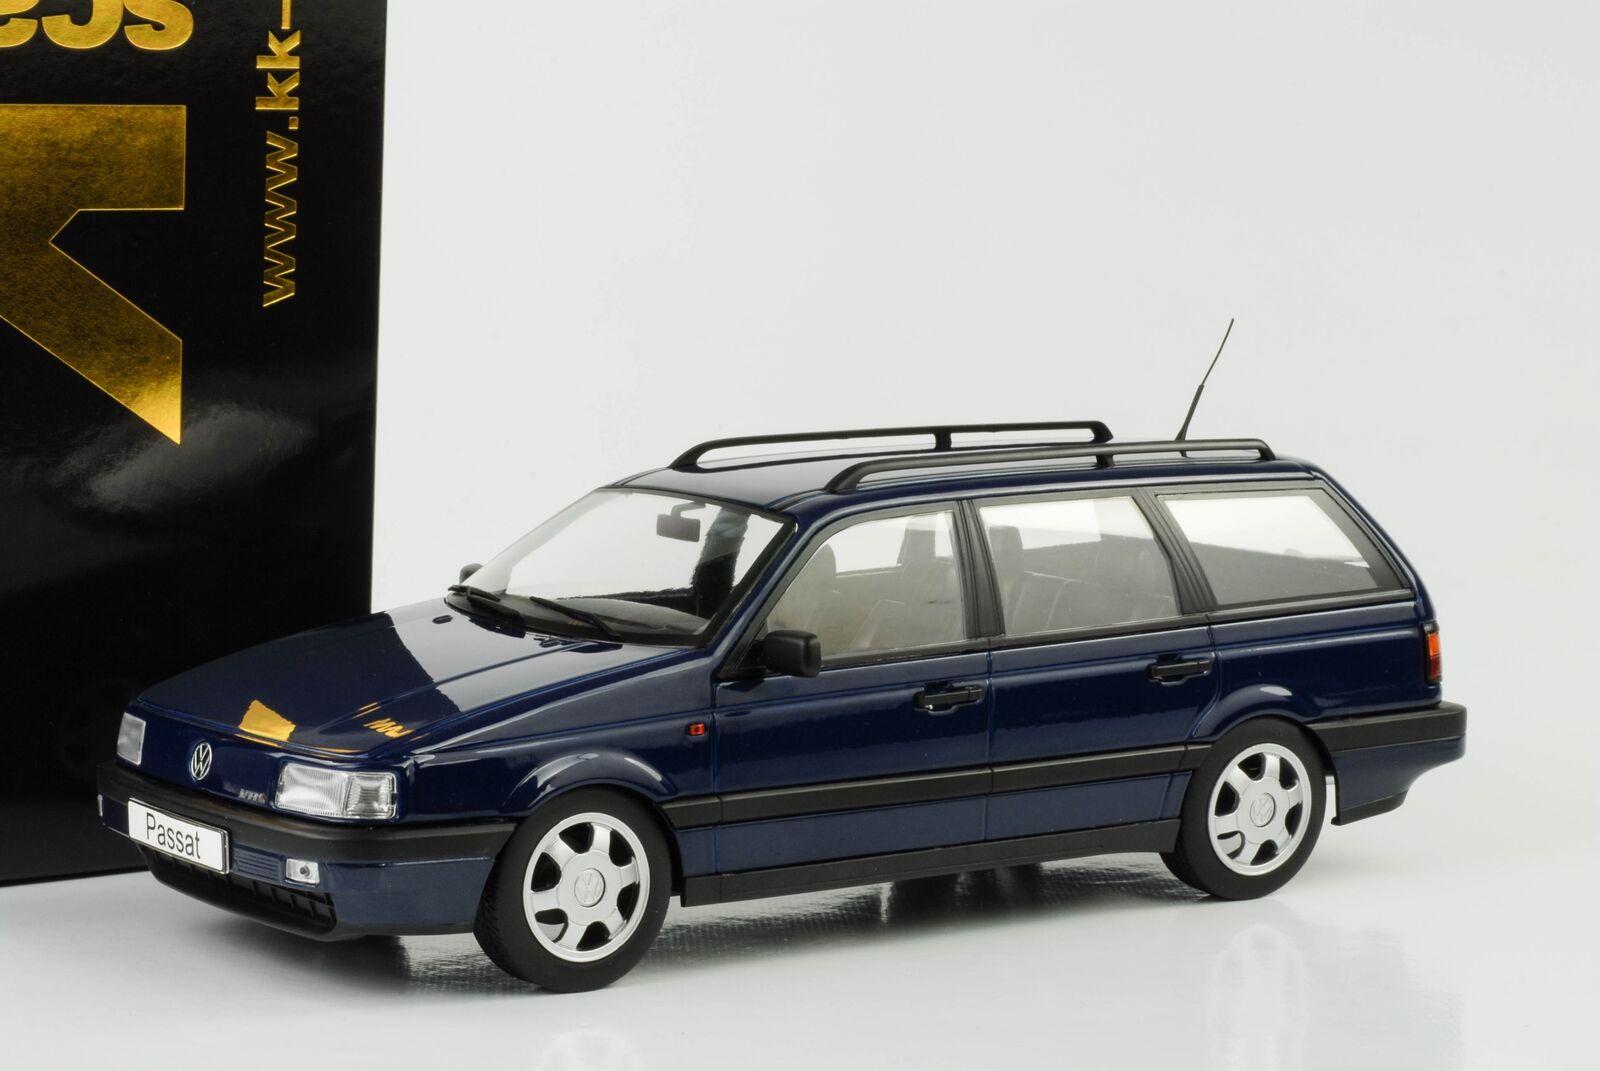 1988 Volkswagen VW Passat b3 vr6 Variant metalizado blu 1 18 KK